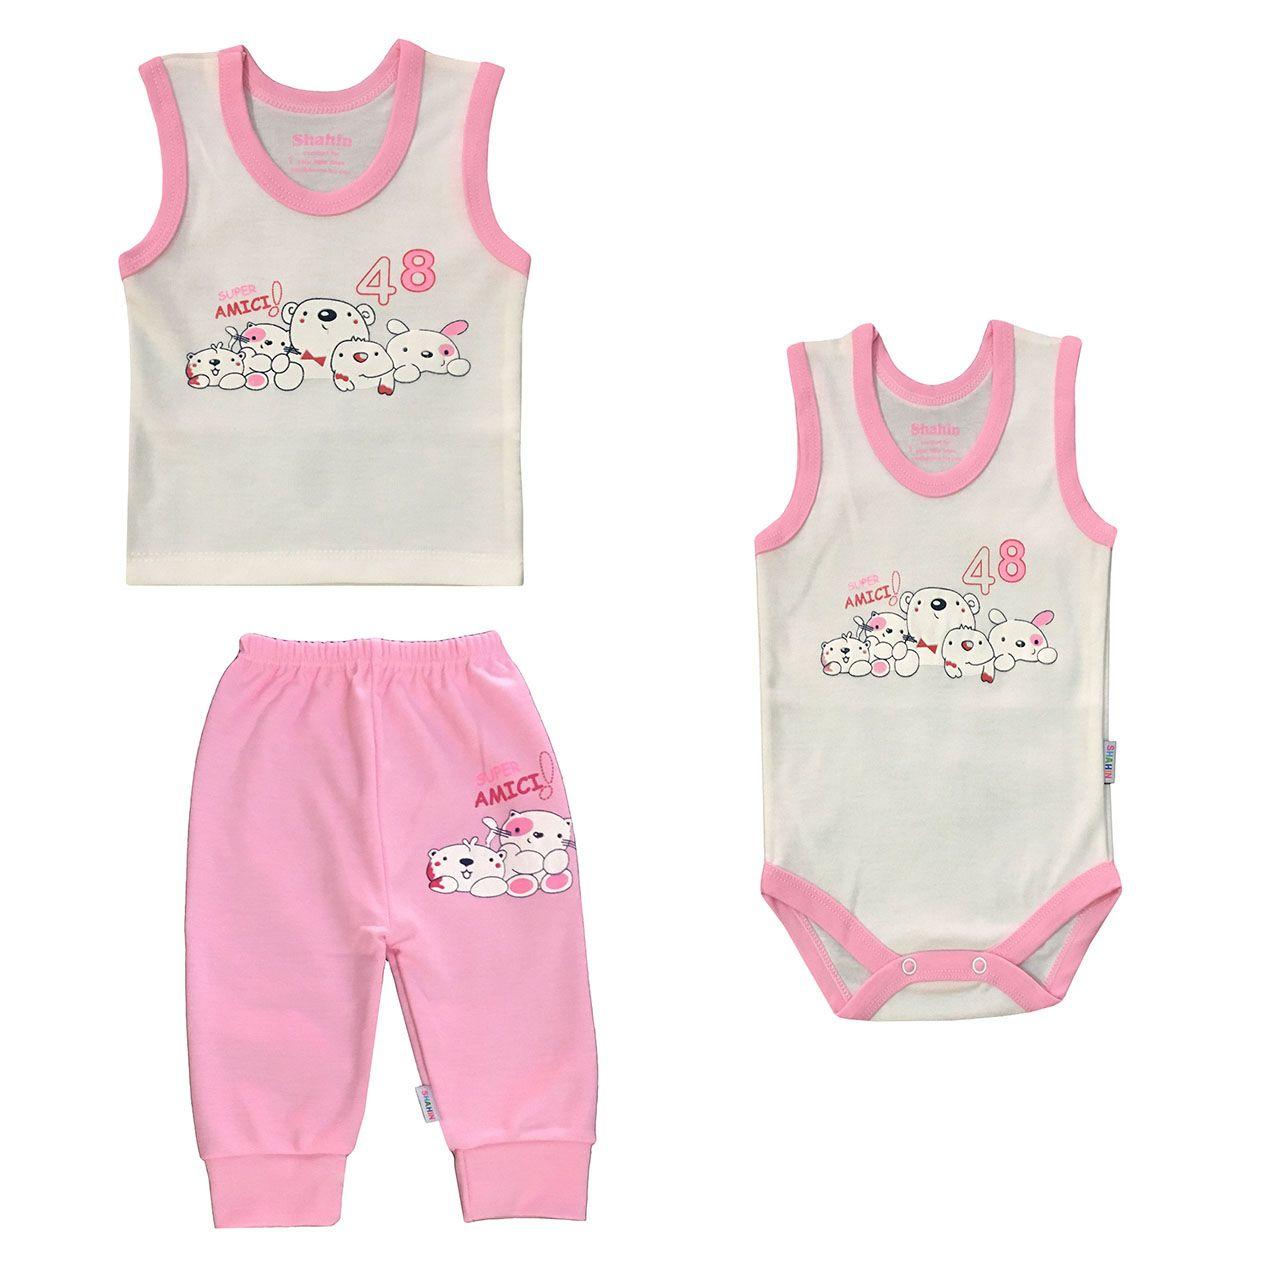 ست 3 تکه لباس نوزادی دخترانه شاهین طرح امیکی کد R -  - 2